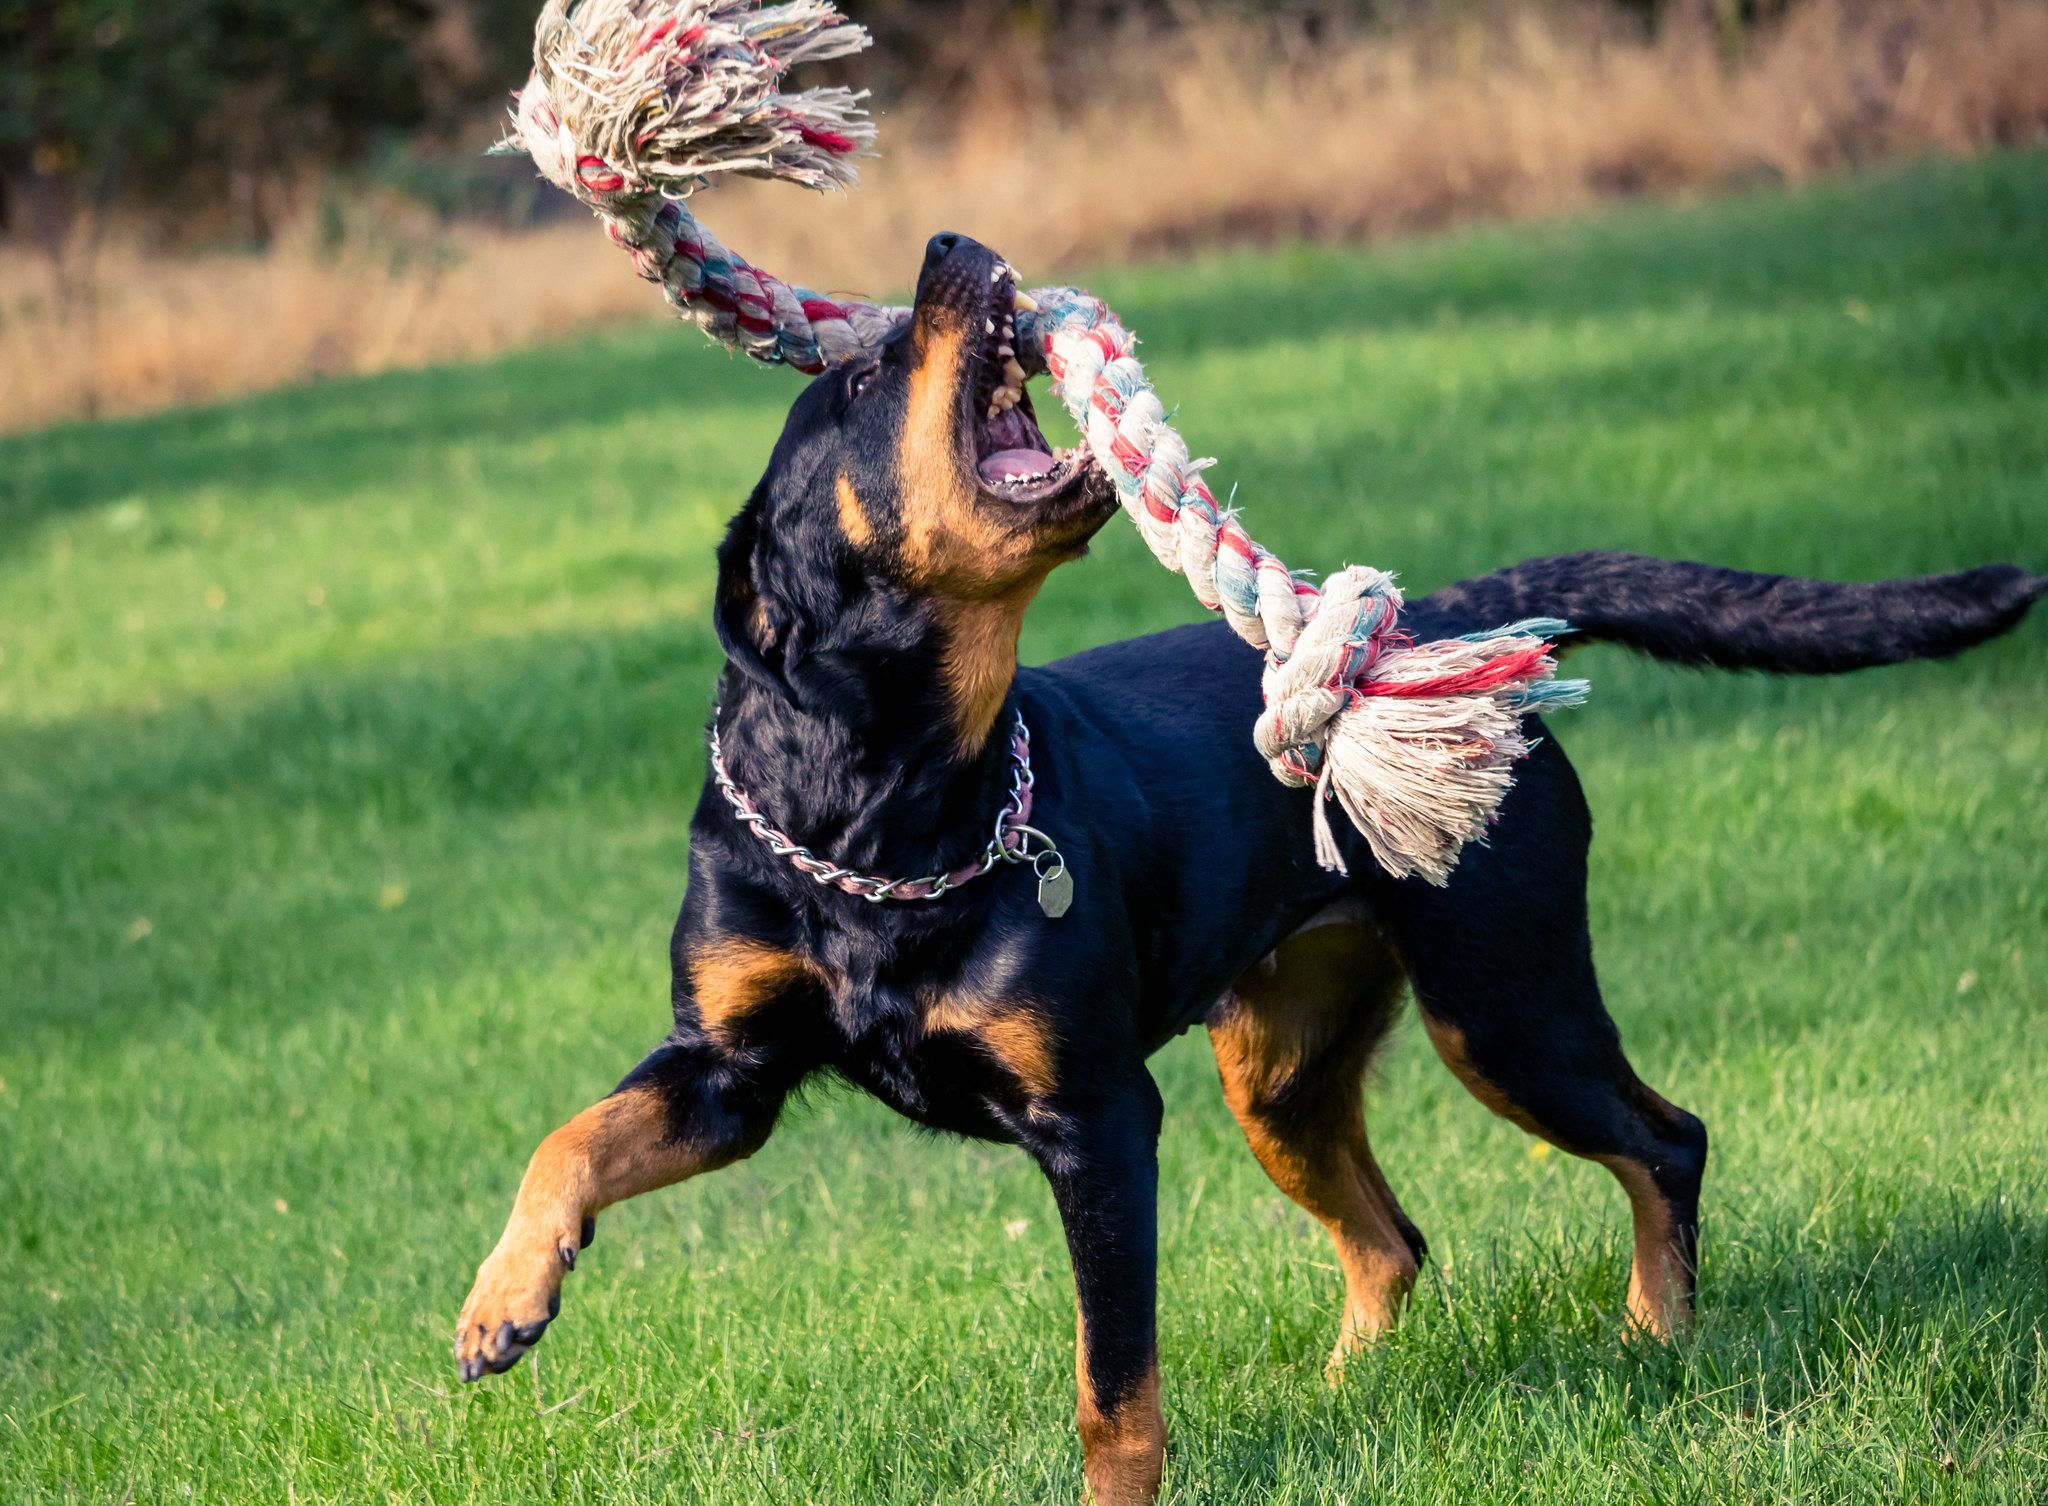 Ротвейлер играет с веревкой